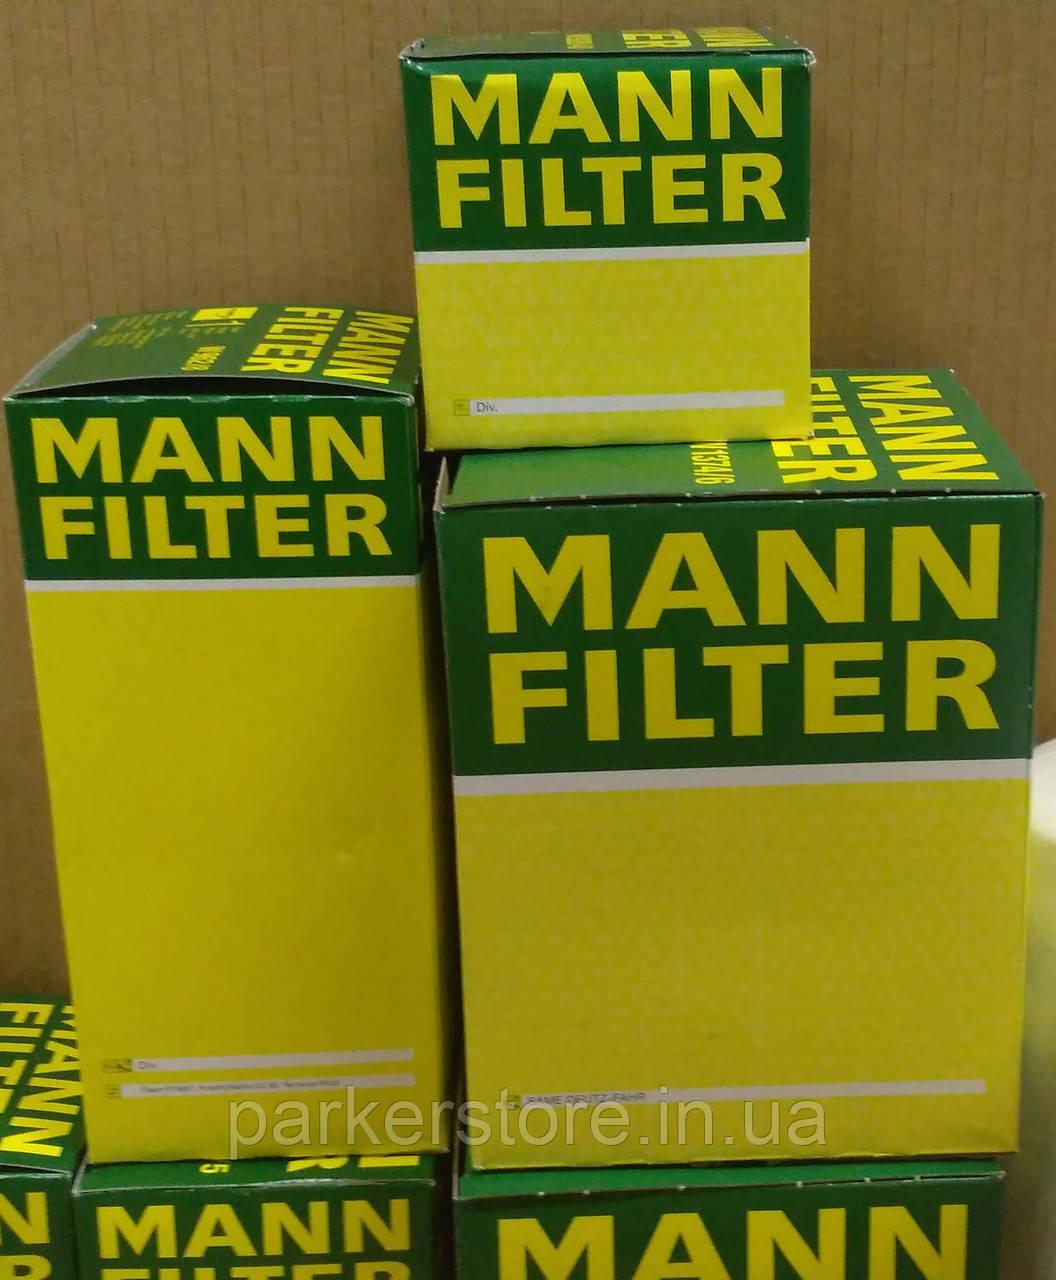 MANN FILTER / Воздушный фильтр / C 2775 / C2775